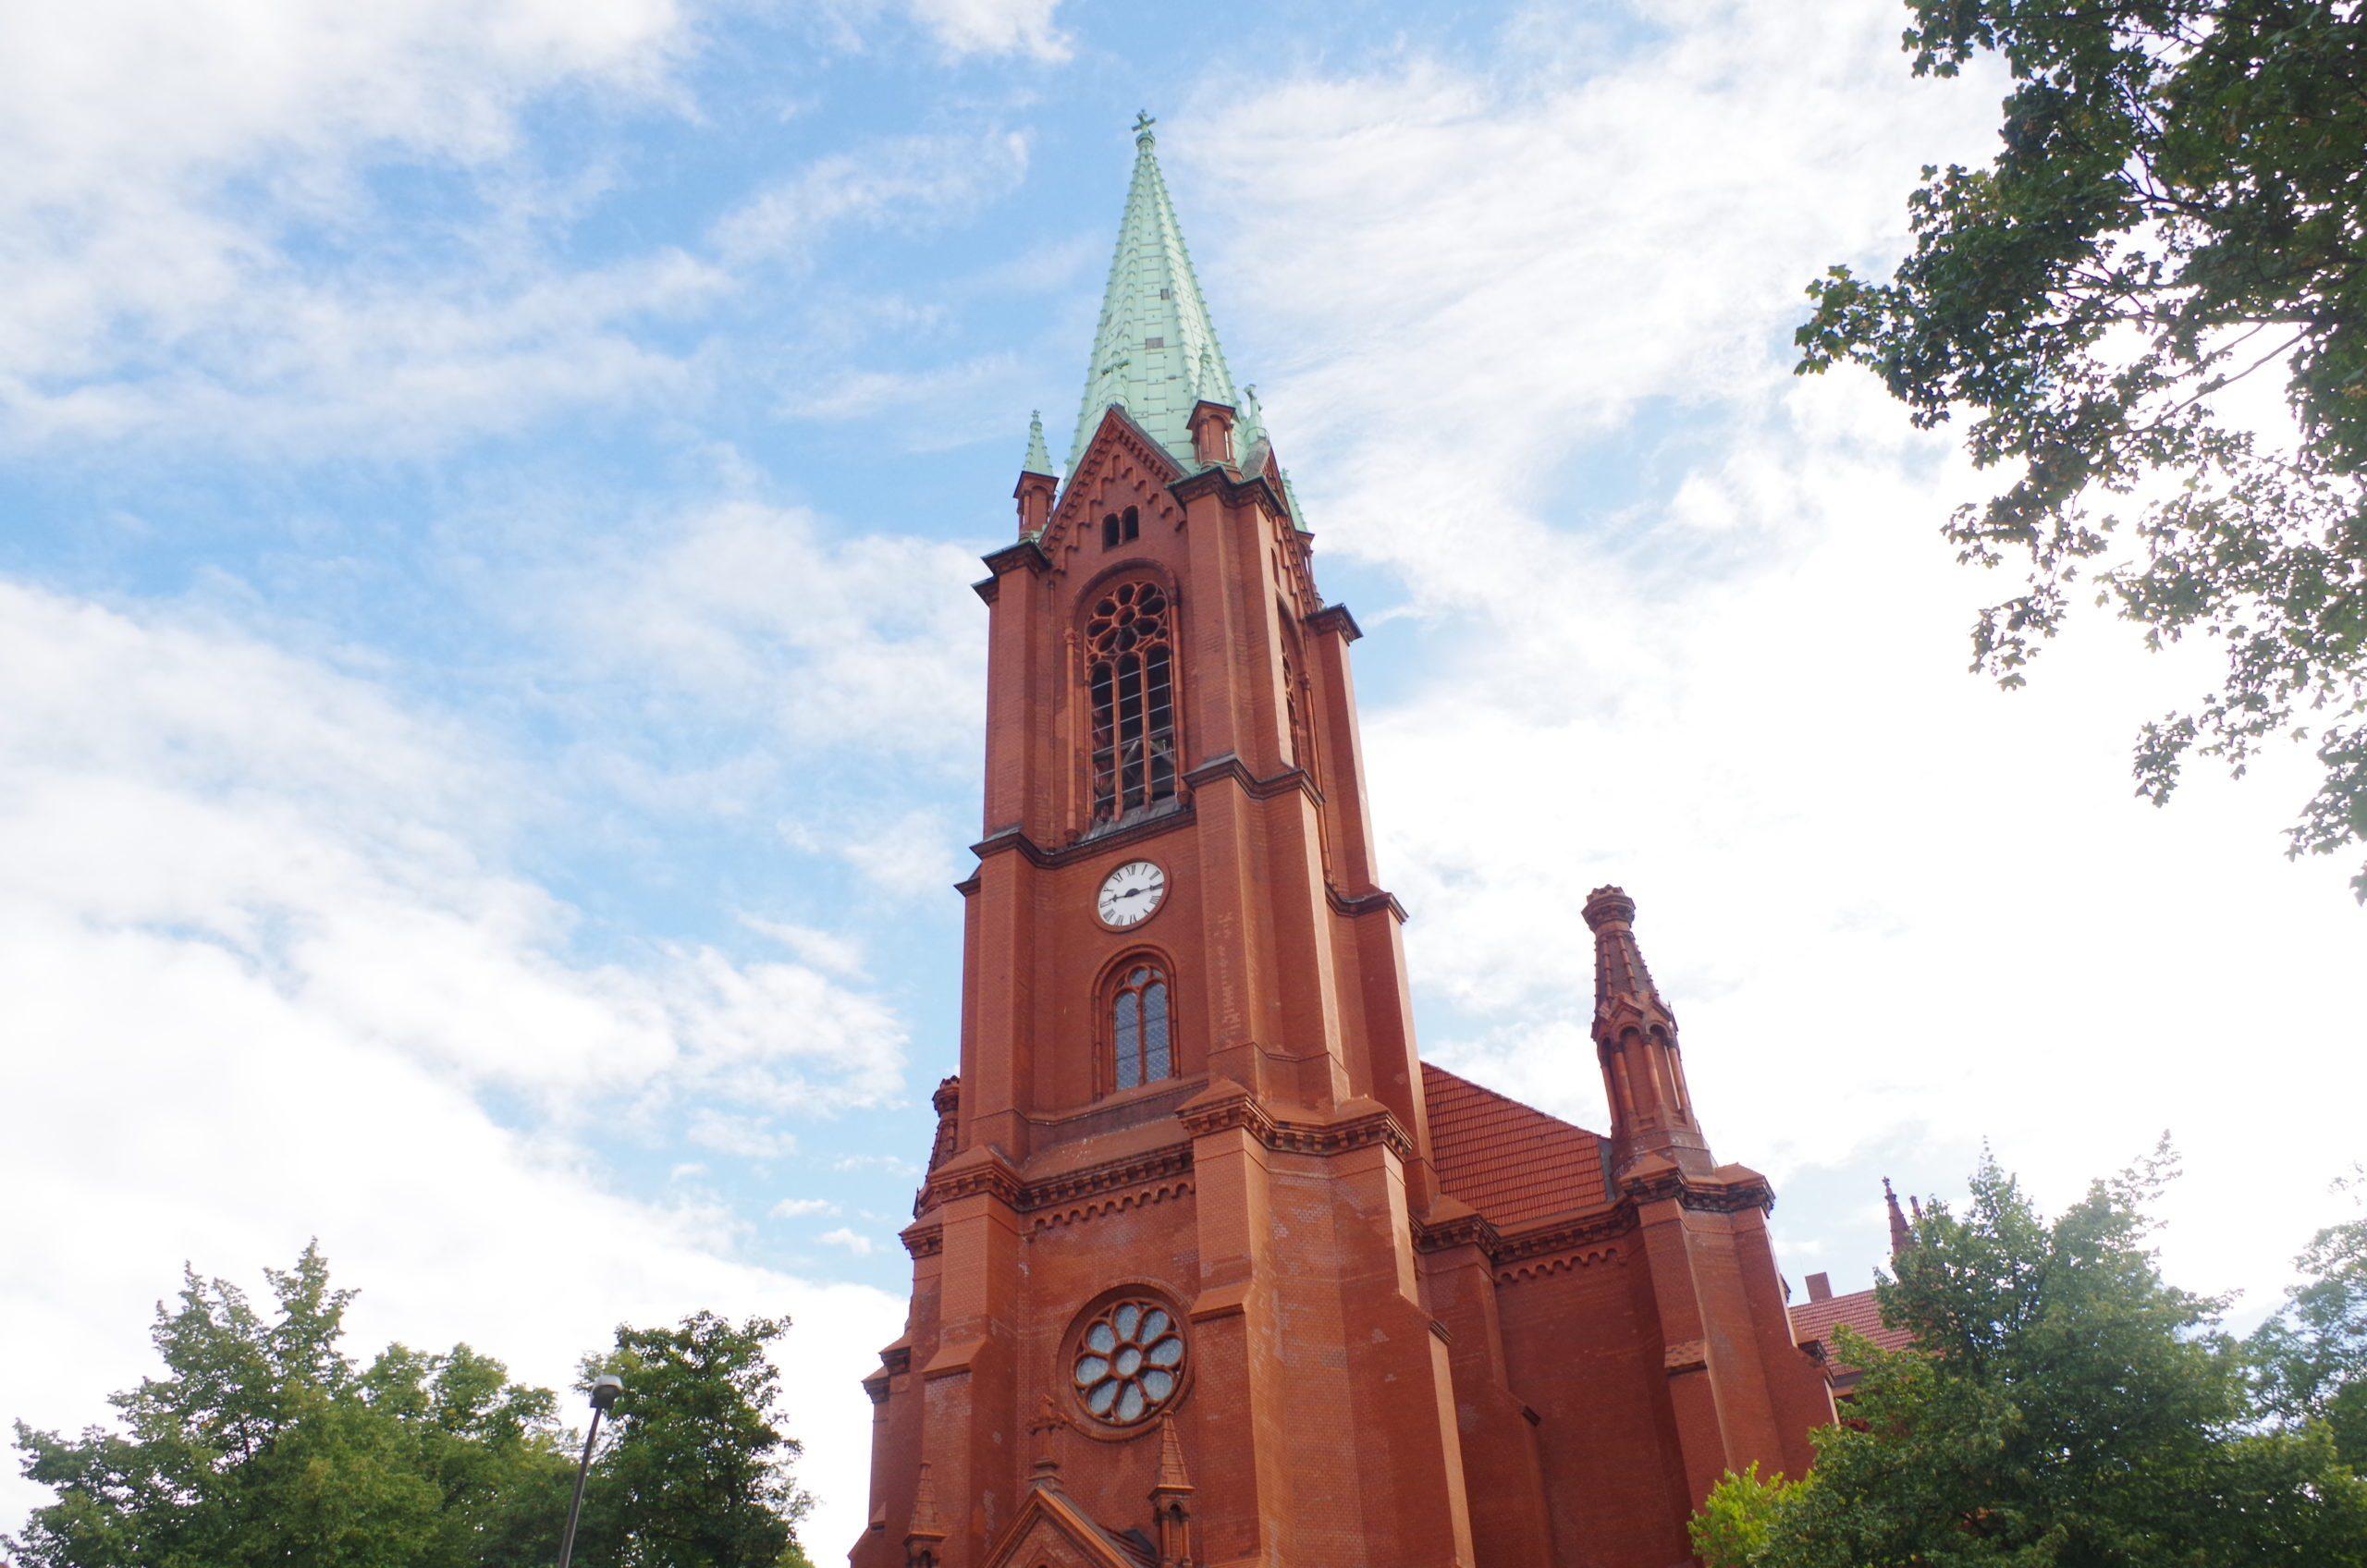 Die Evangelische Kirche im Wandel